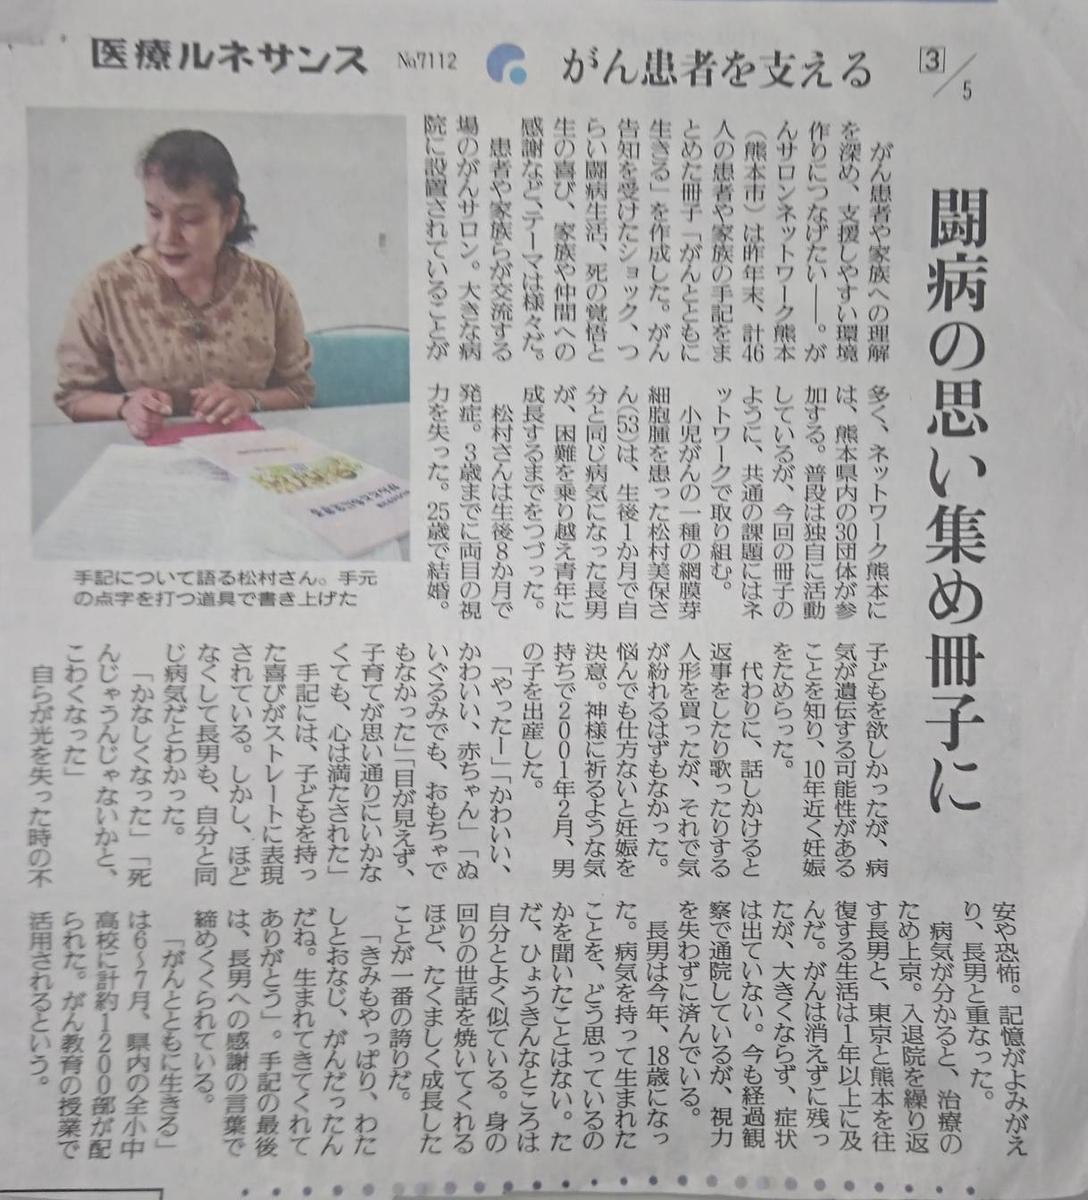 f:id:kazura-kobayashi:20200325145707j:plain